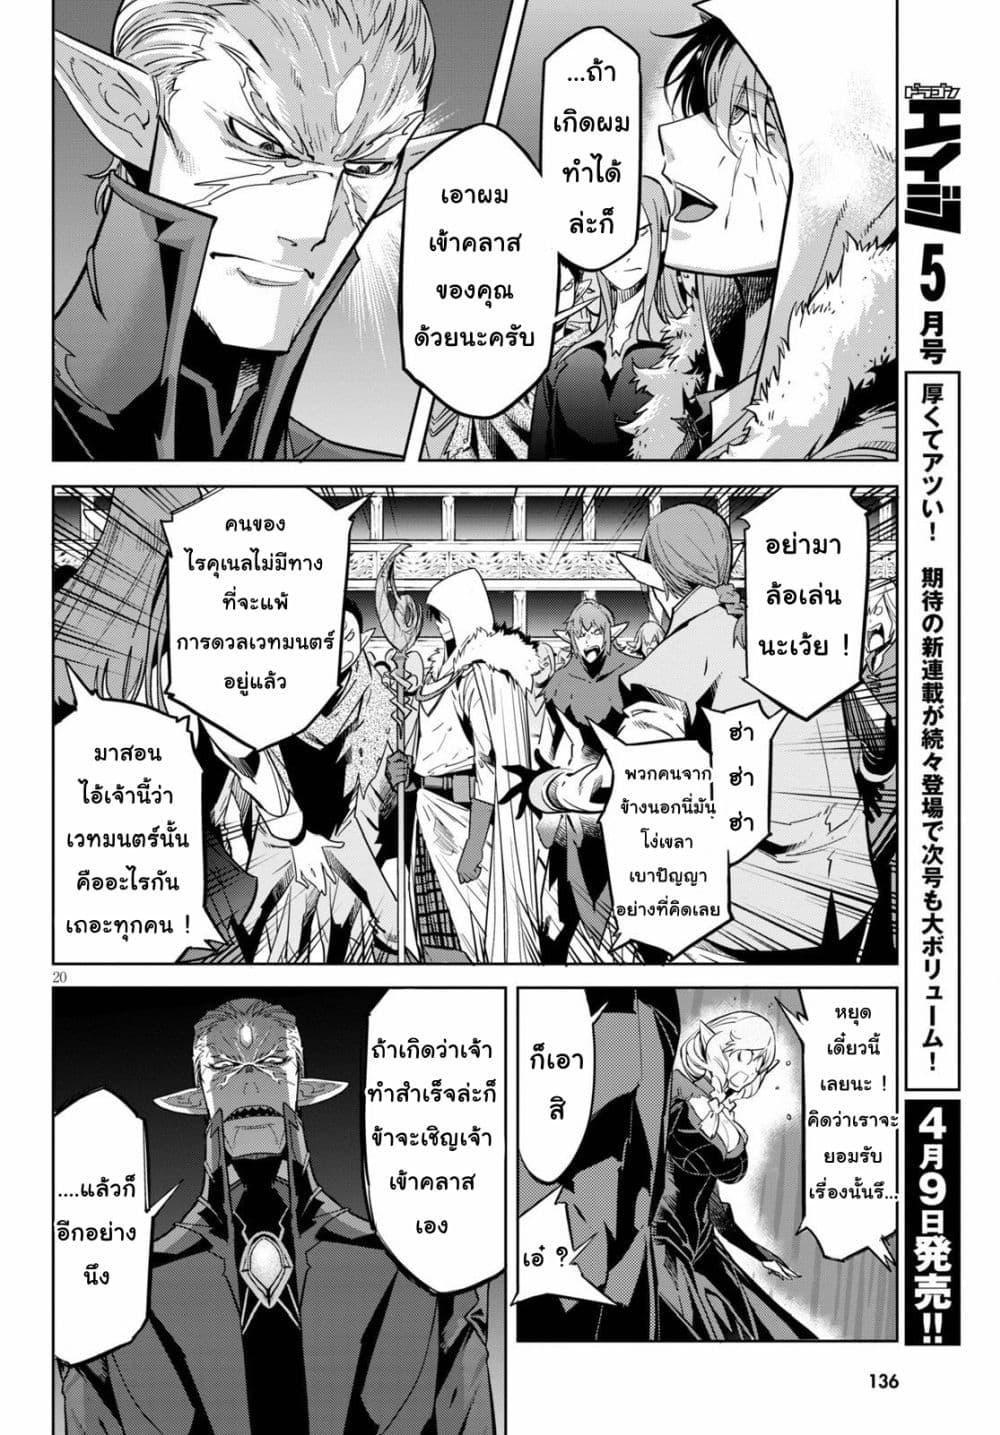 อ่านการ์ตูน Game obu Familia - Family Senki ตอนที่ 21 หน้าที่ 22